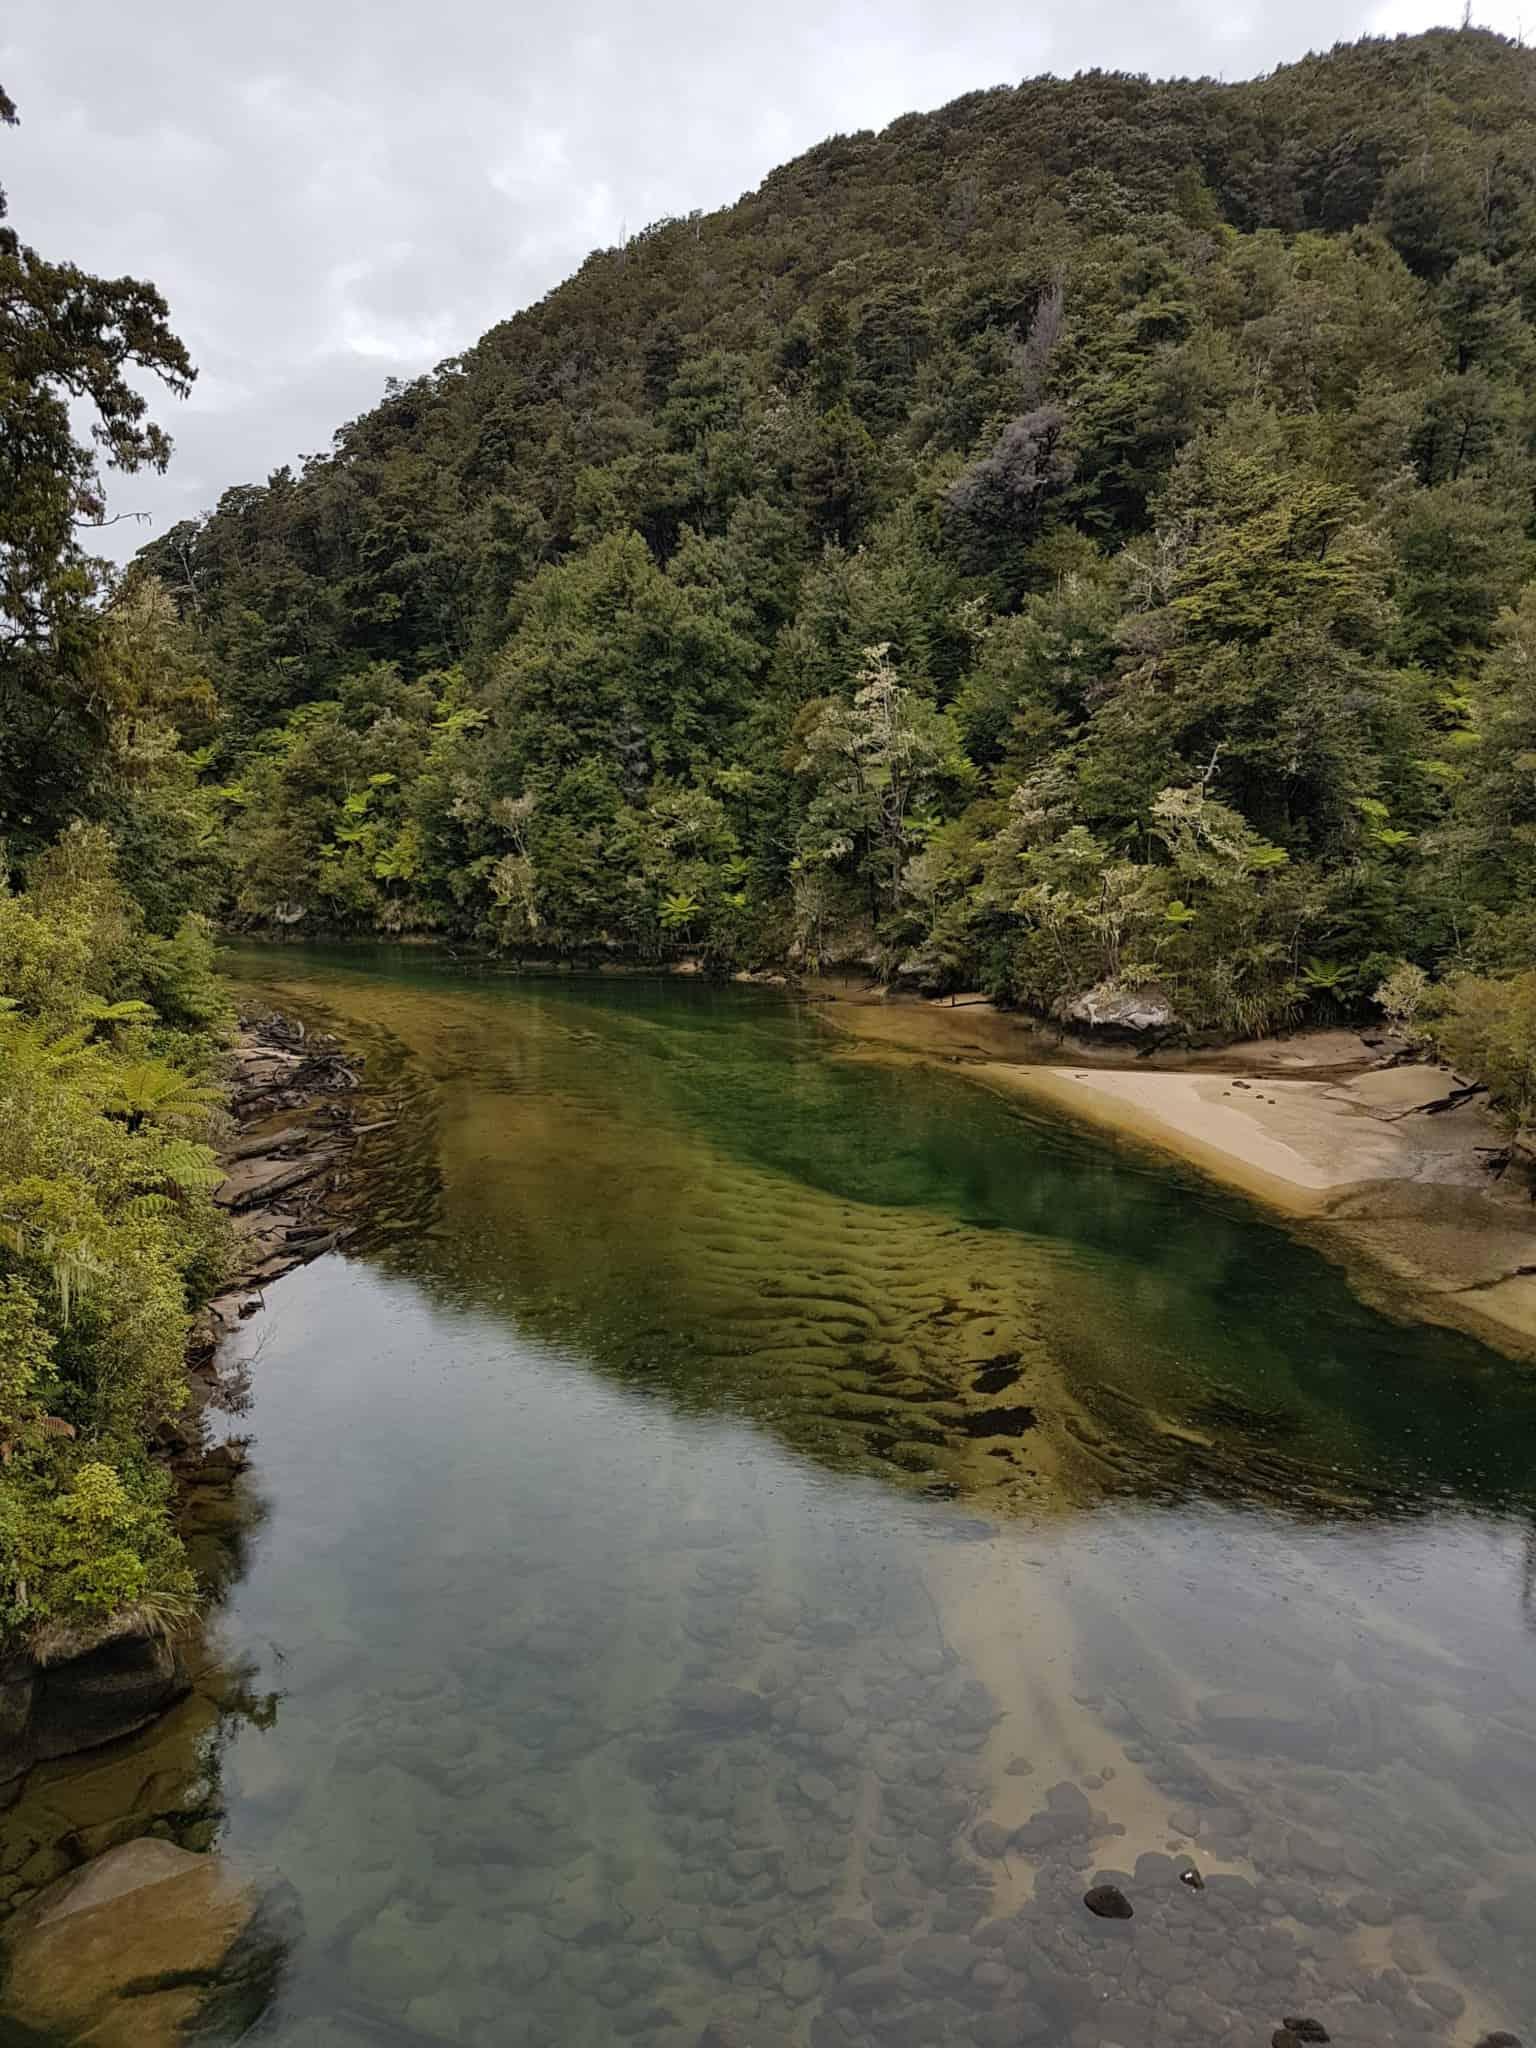 Nouvelle-Zélande, 24 km de randonnée sous la pluie dans le parc d'Abel Tasman 🌧 20